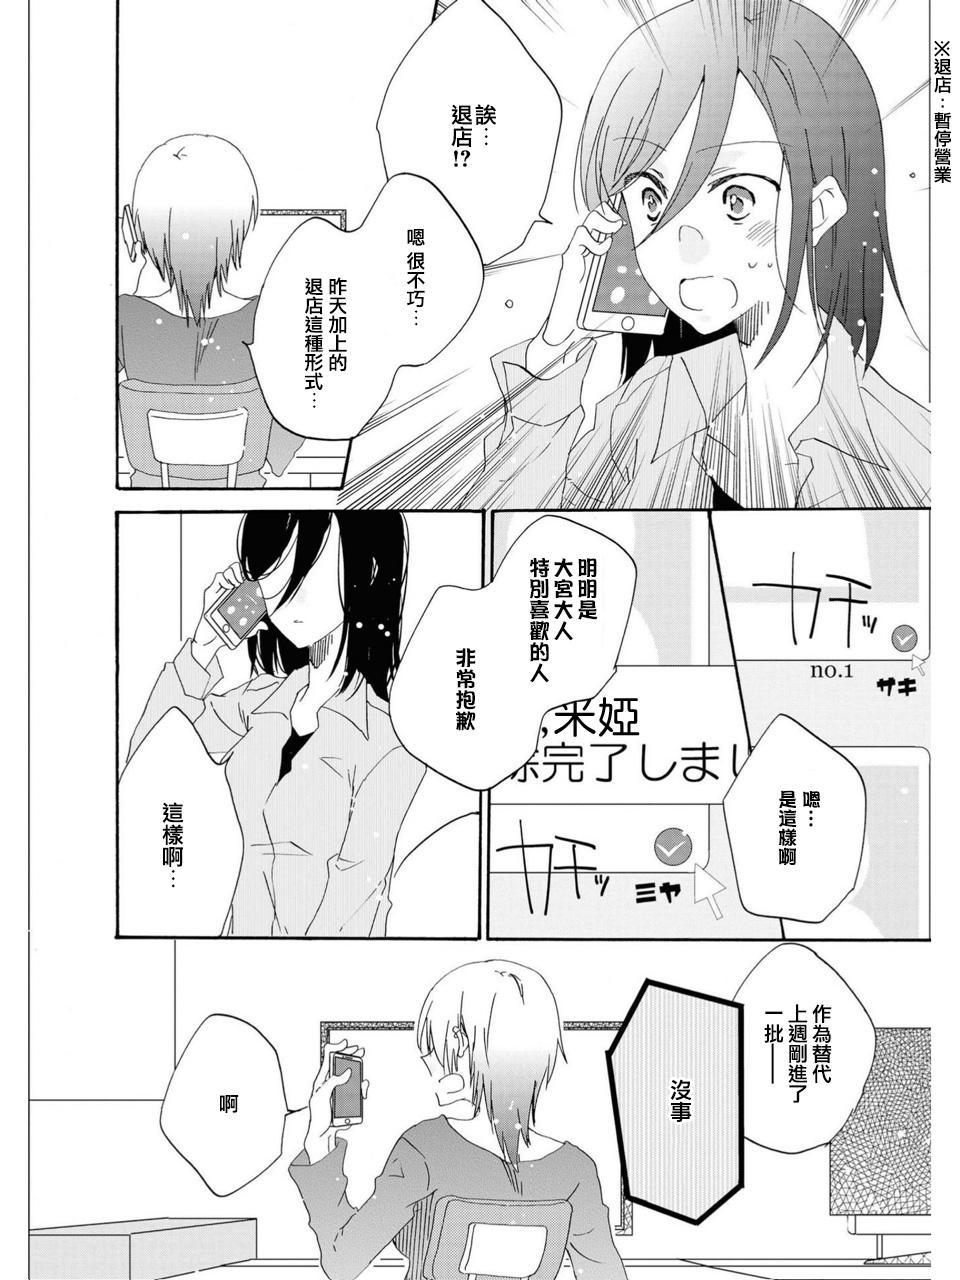 Sayonara, Shirayuki Hime   再见、白雪公主 21